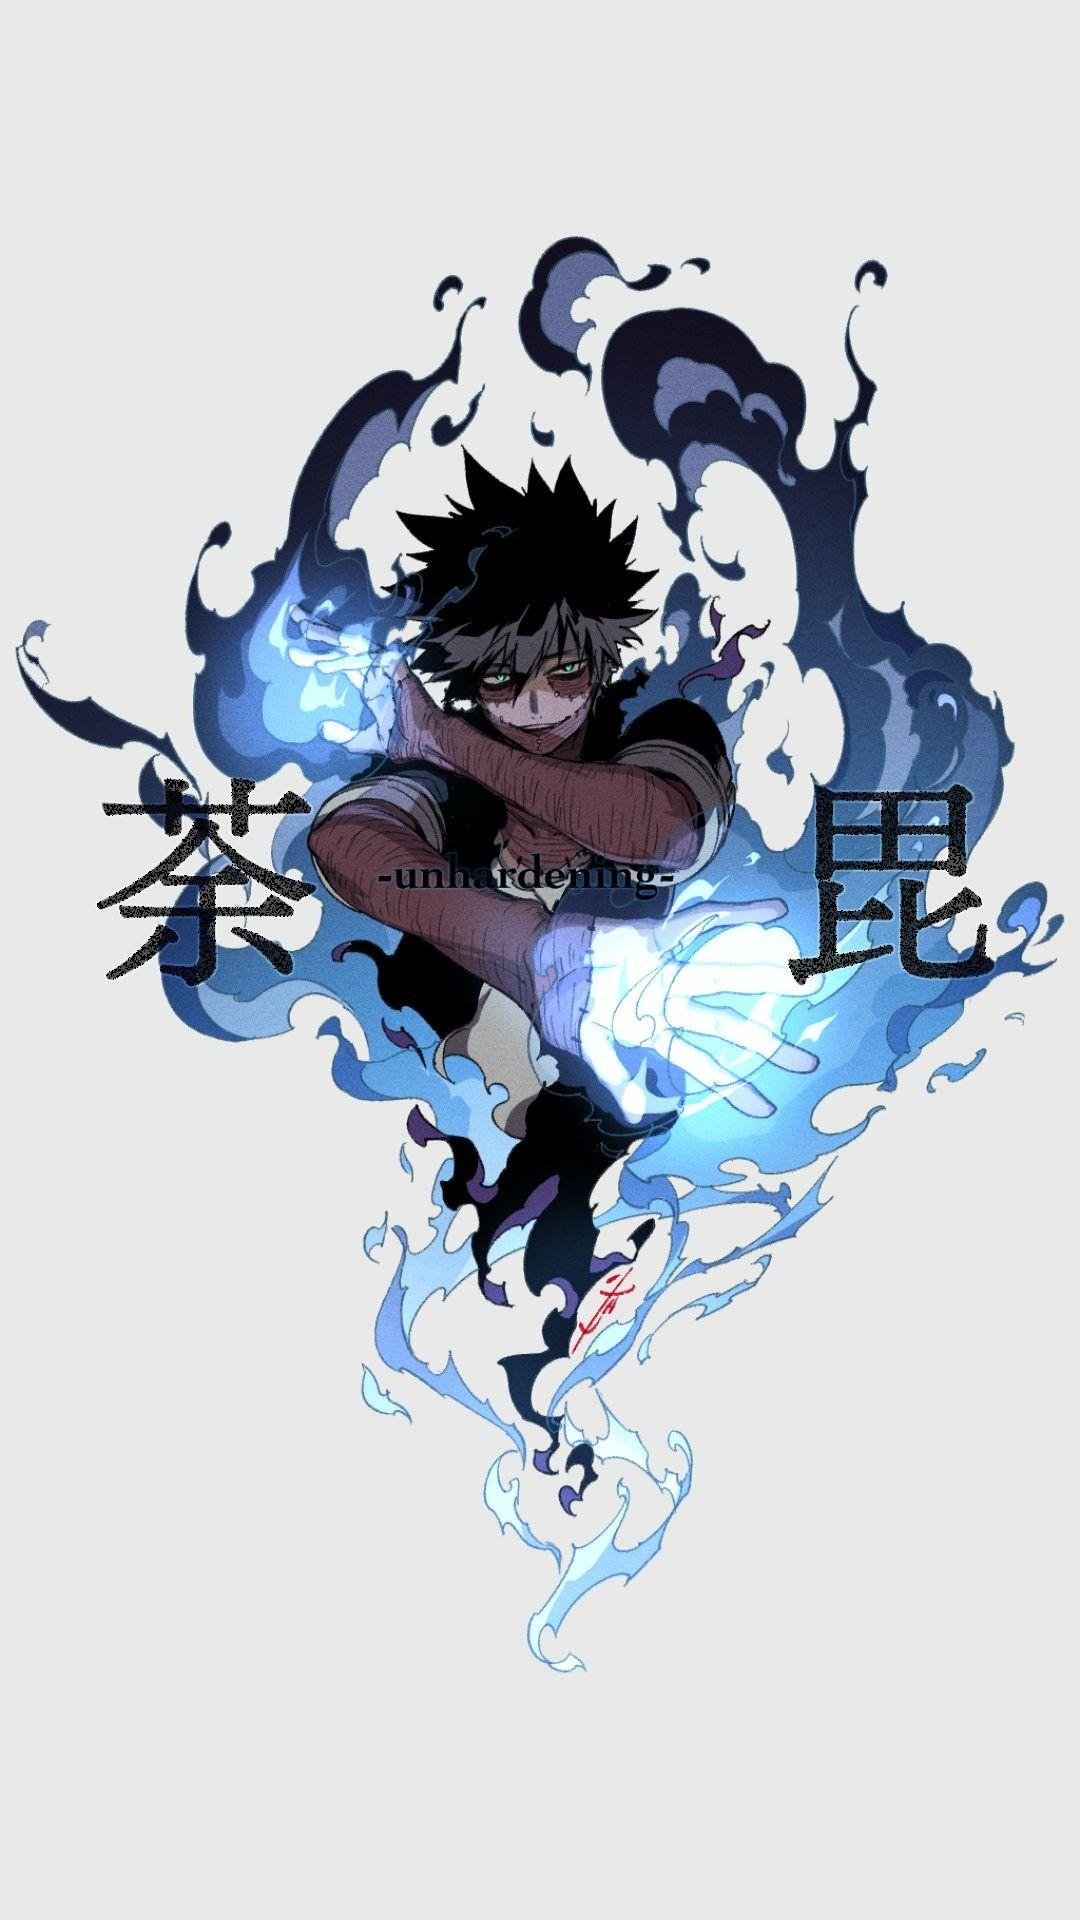 Nsk_pic Fondo de pantalla de anime, Fondo de anime